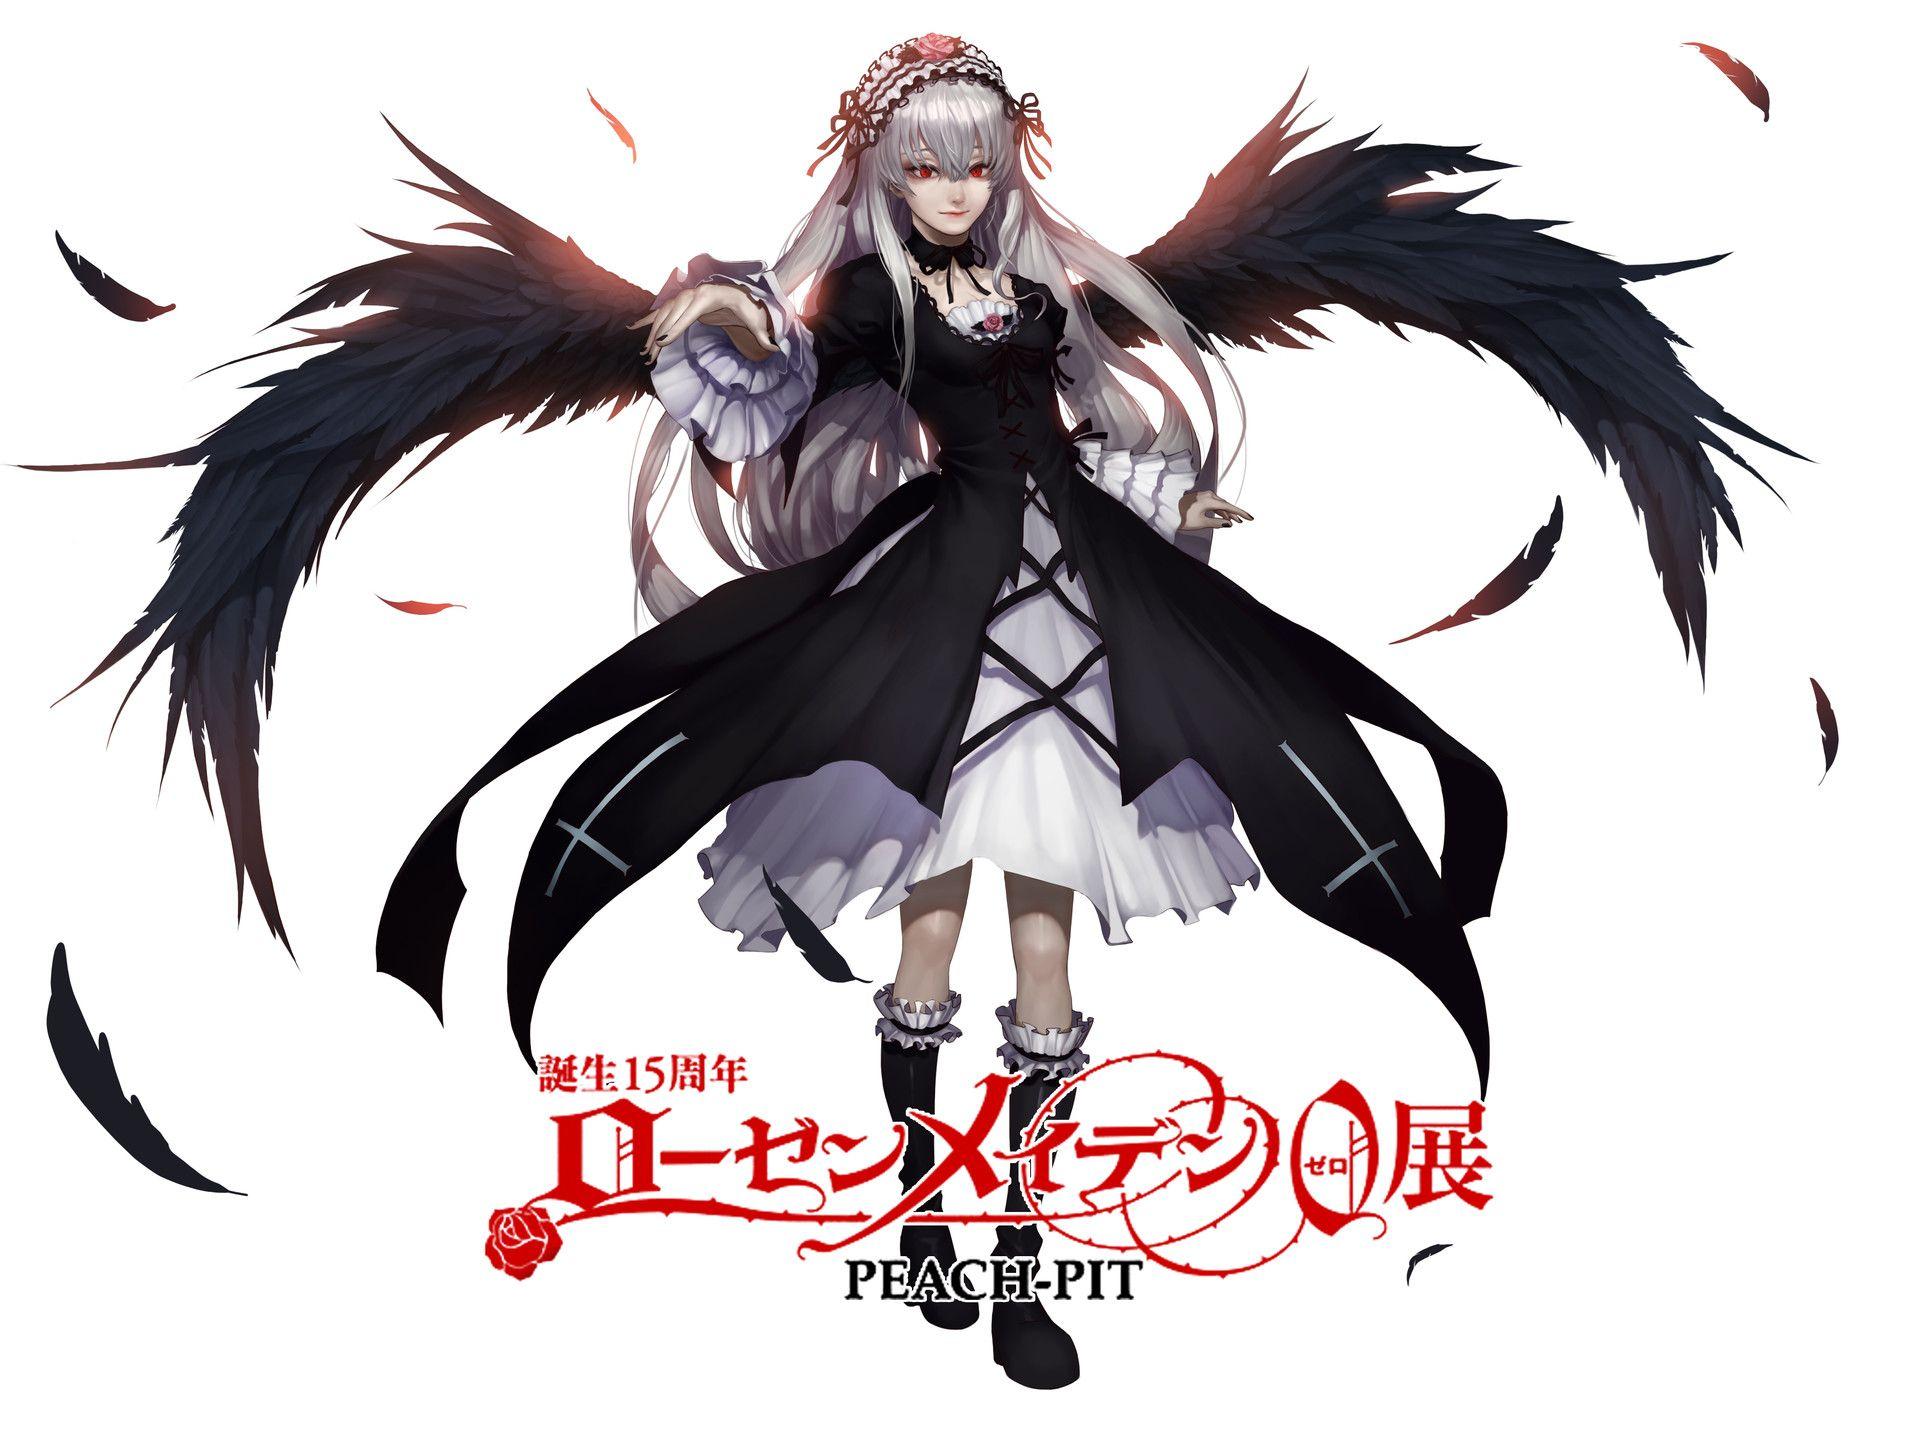 스이긴토 水銀燈 suigintou rozen maiden favorite character artwork character